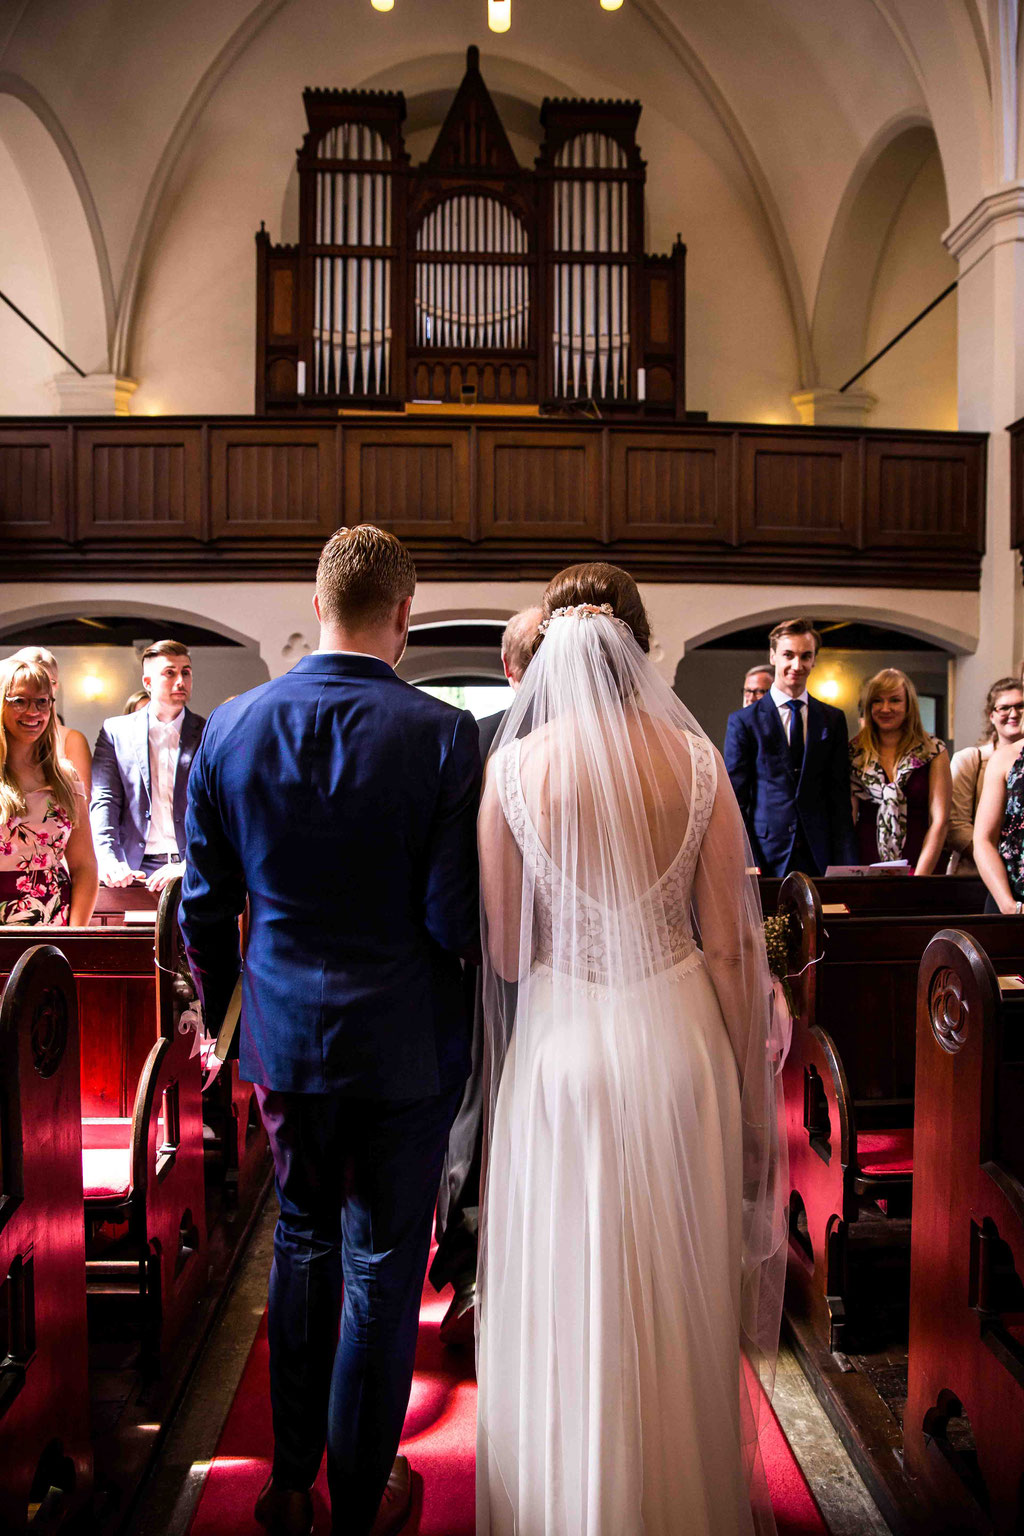 Eheversprechen, Segnung an der Hochzeit, Trauung in der Kirche, Hochzeitsfoto